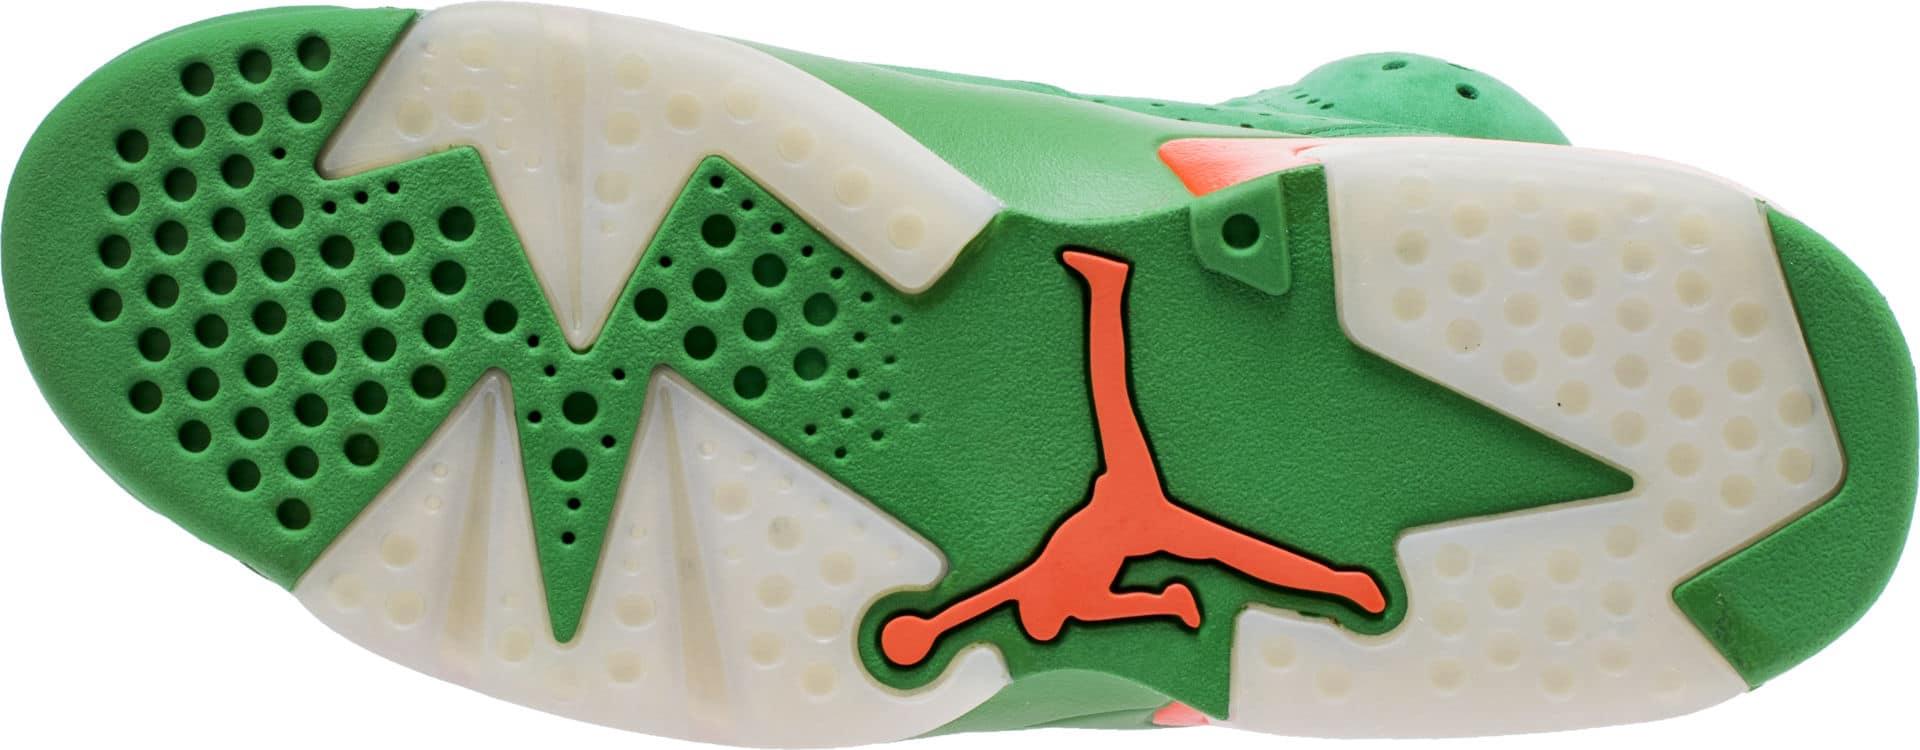 4a2effa5b5ab Nike Air Jordan 6  Gatorade  Greenが12月30日に発売!